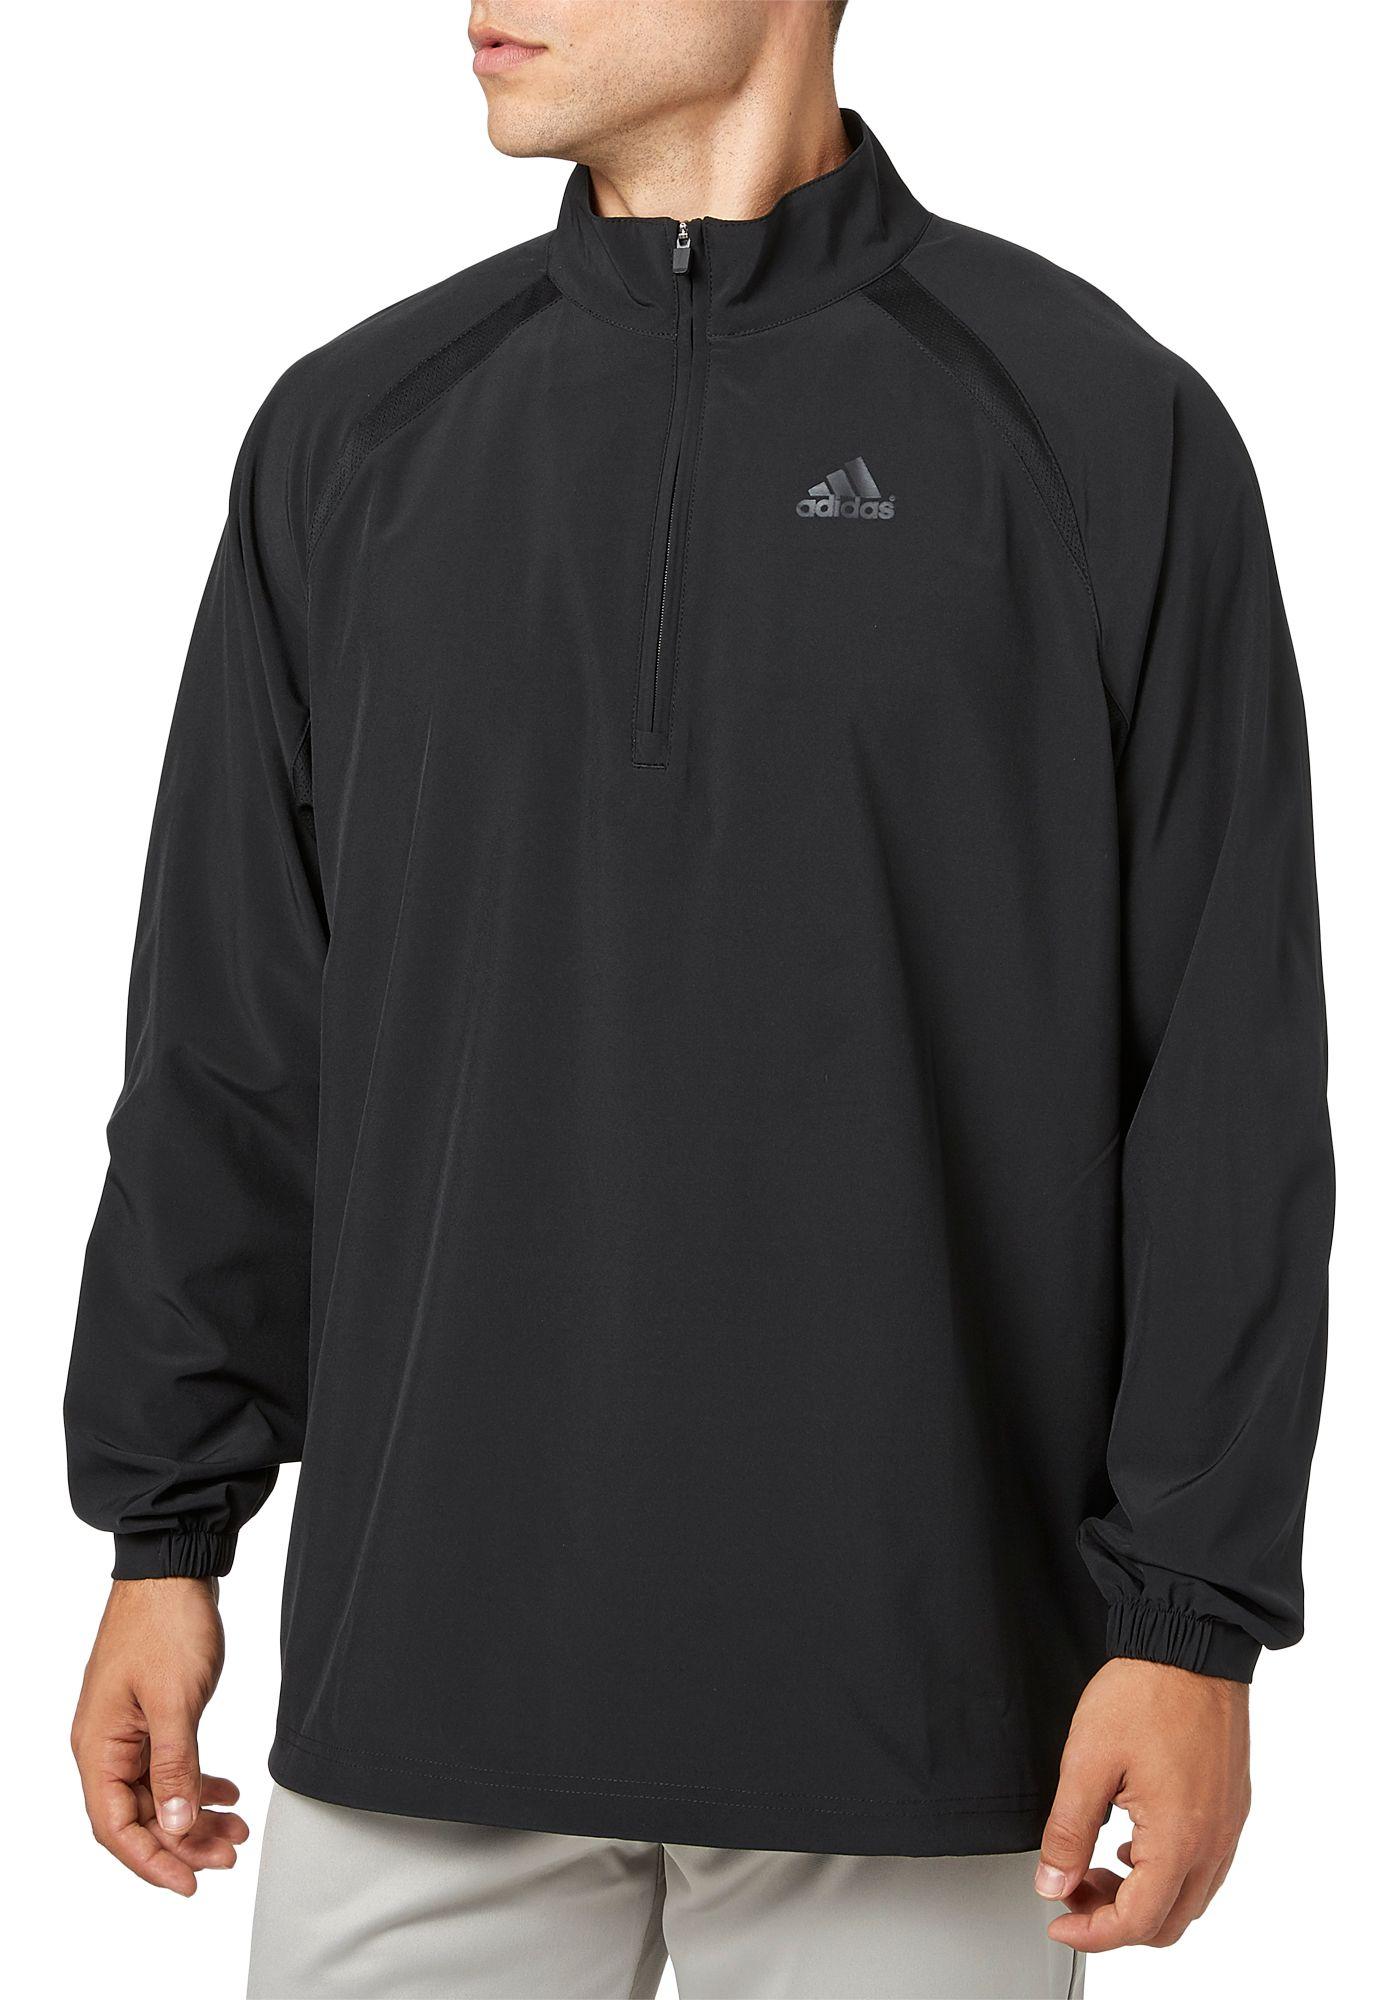 adidas Men's Triple Stripe Long Sleeve Baseball Jacket